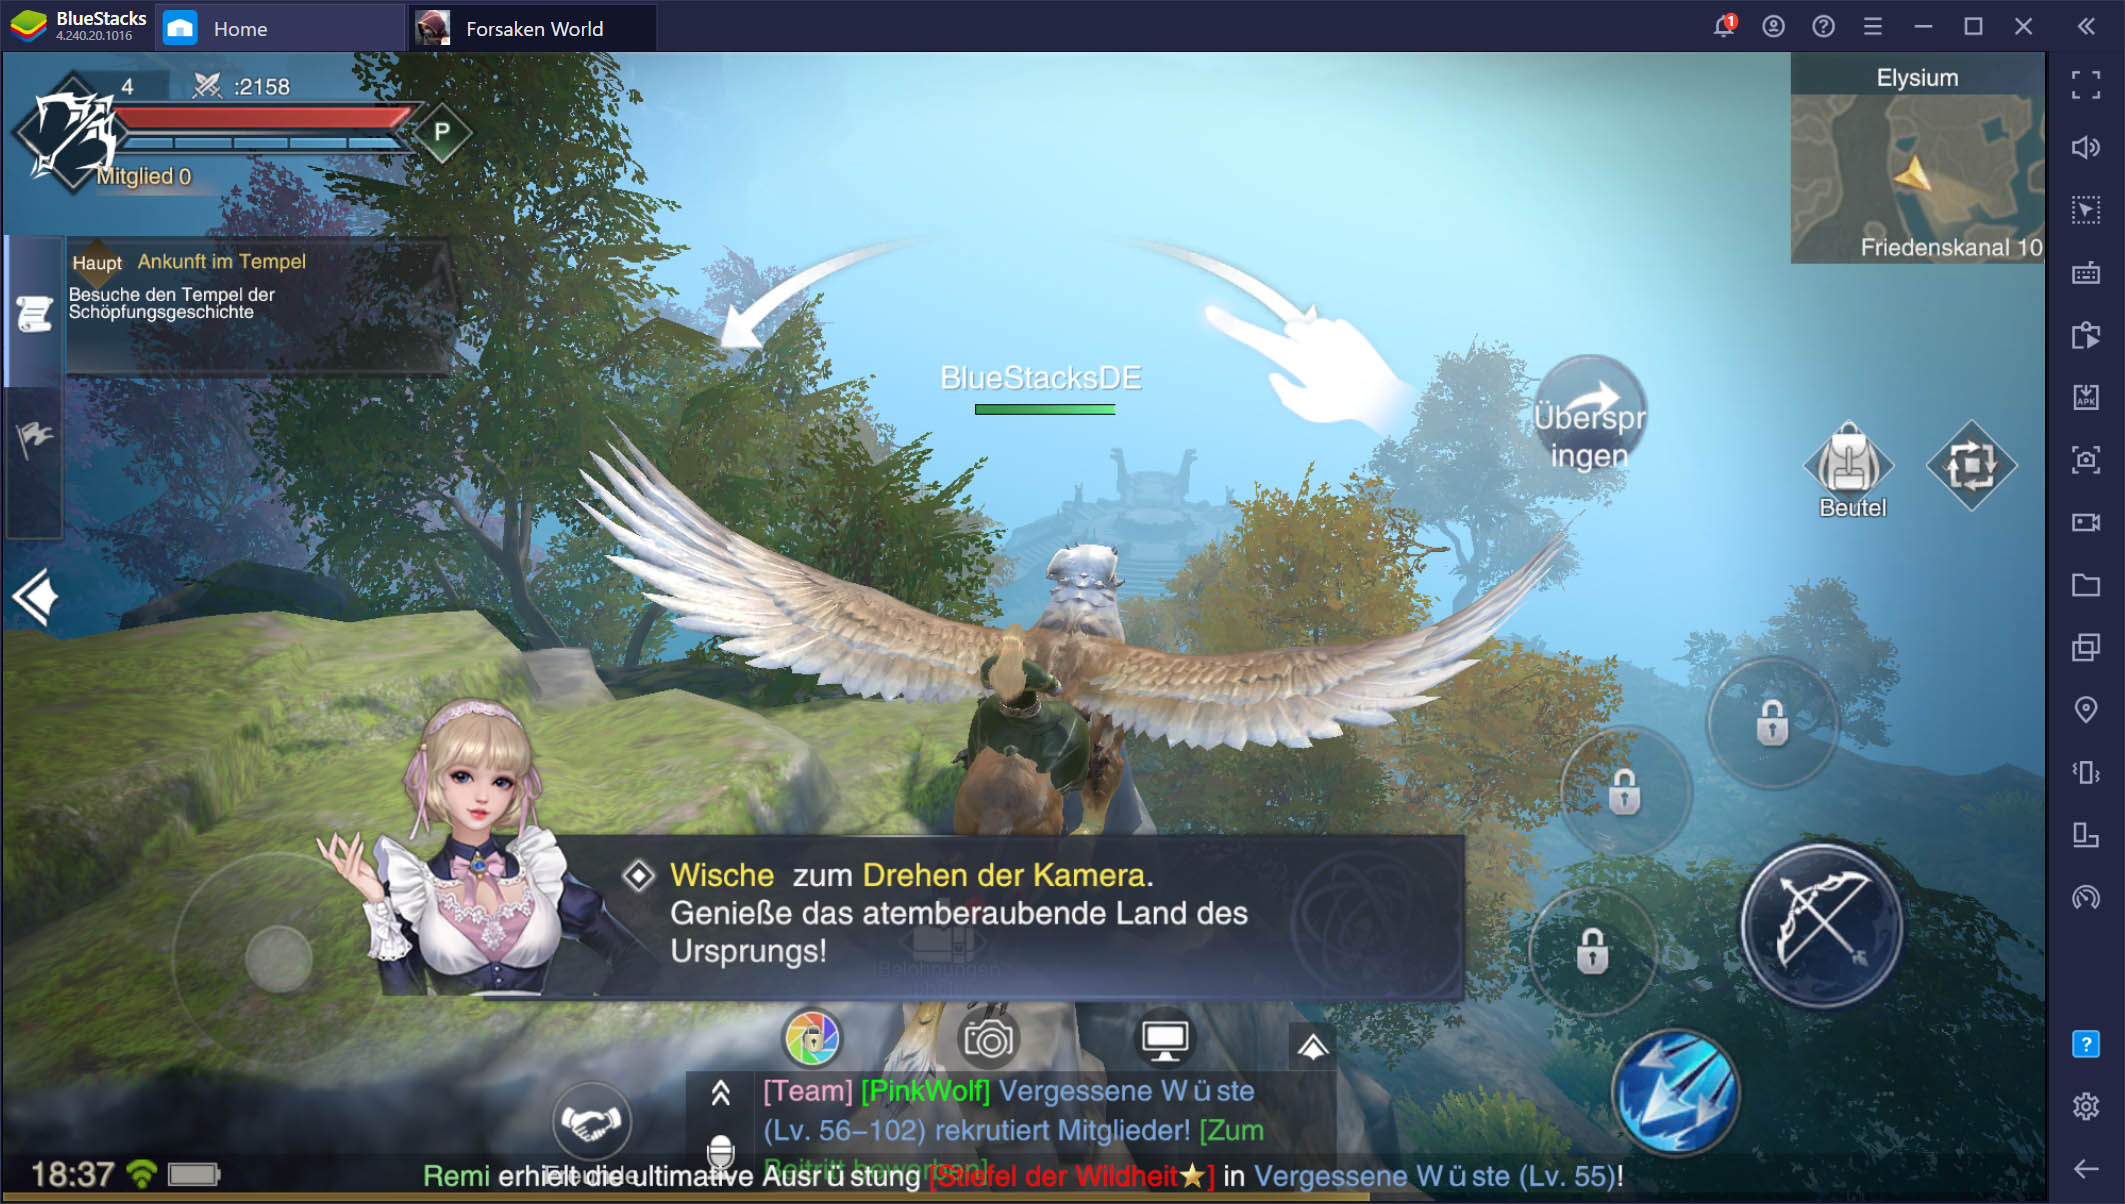 Forsaken World: Gods and Demons auf dem PC – Jetzt verfügbar mit BlueStacks!